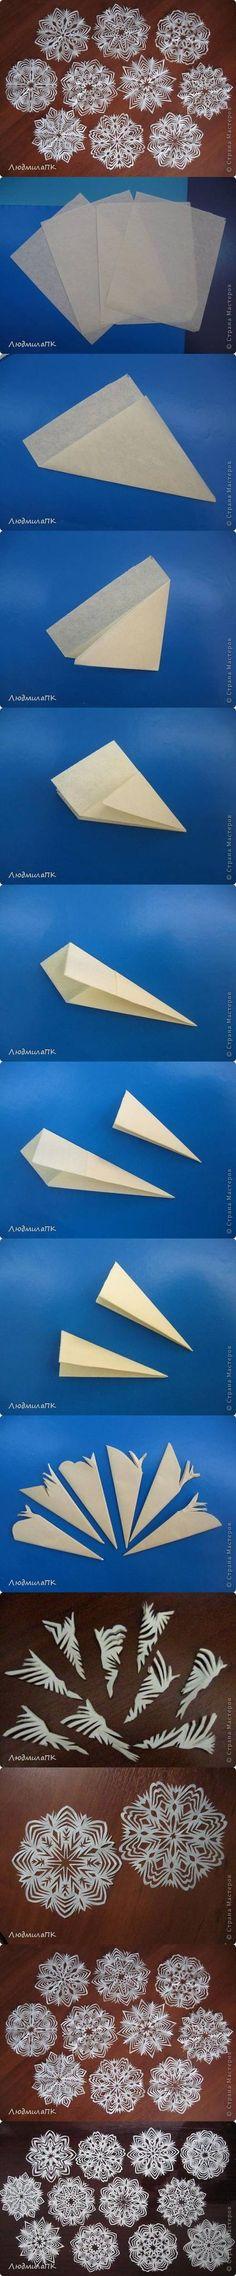 DIY Making Paper Snowflake Method DIY Projects / UsefulDIY.com